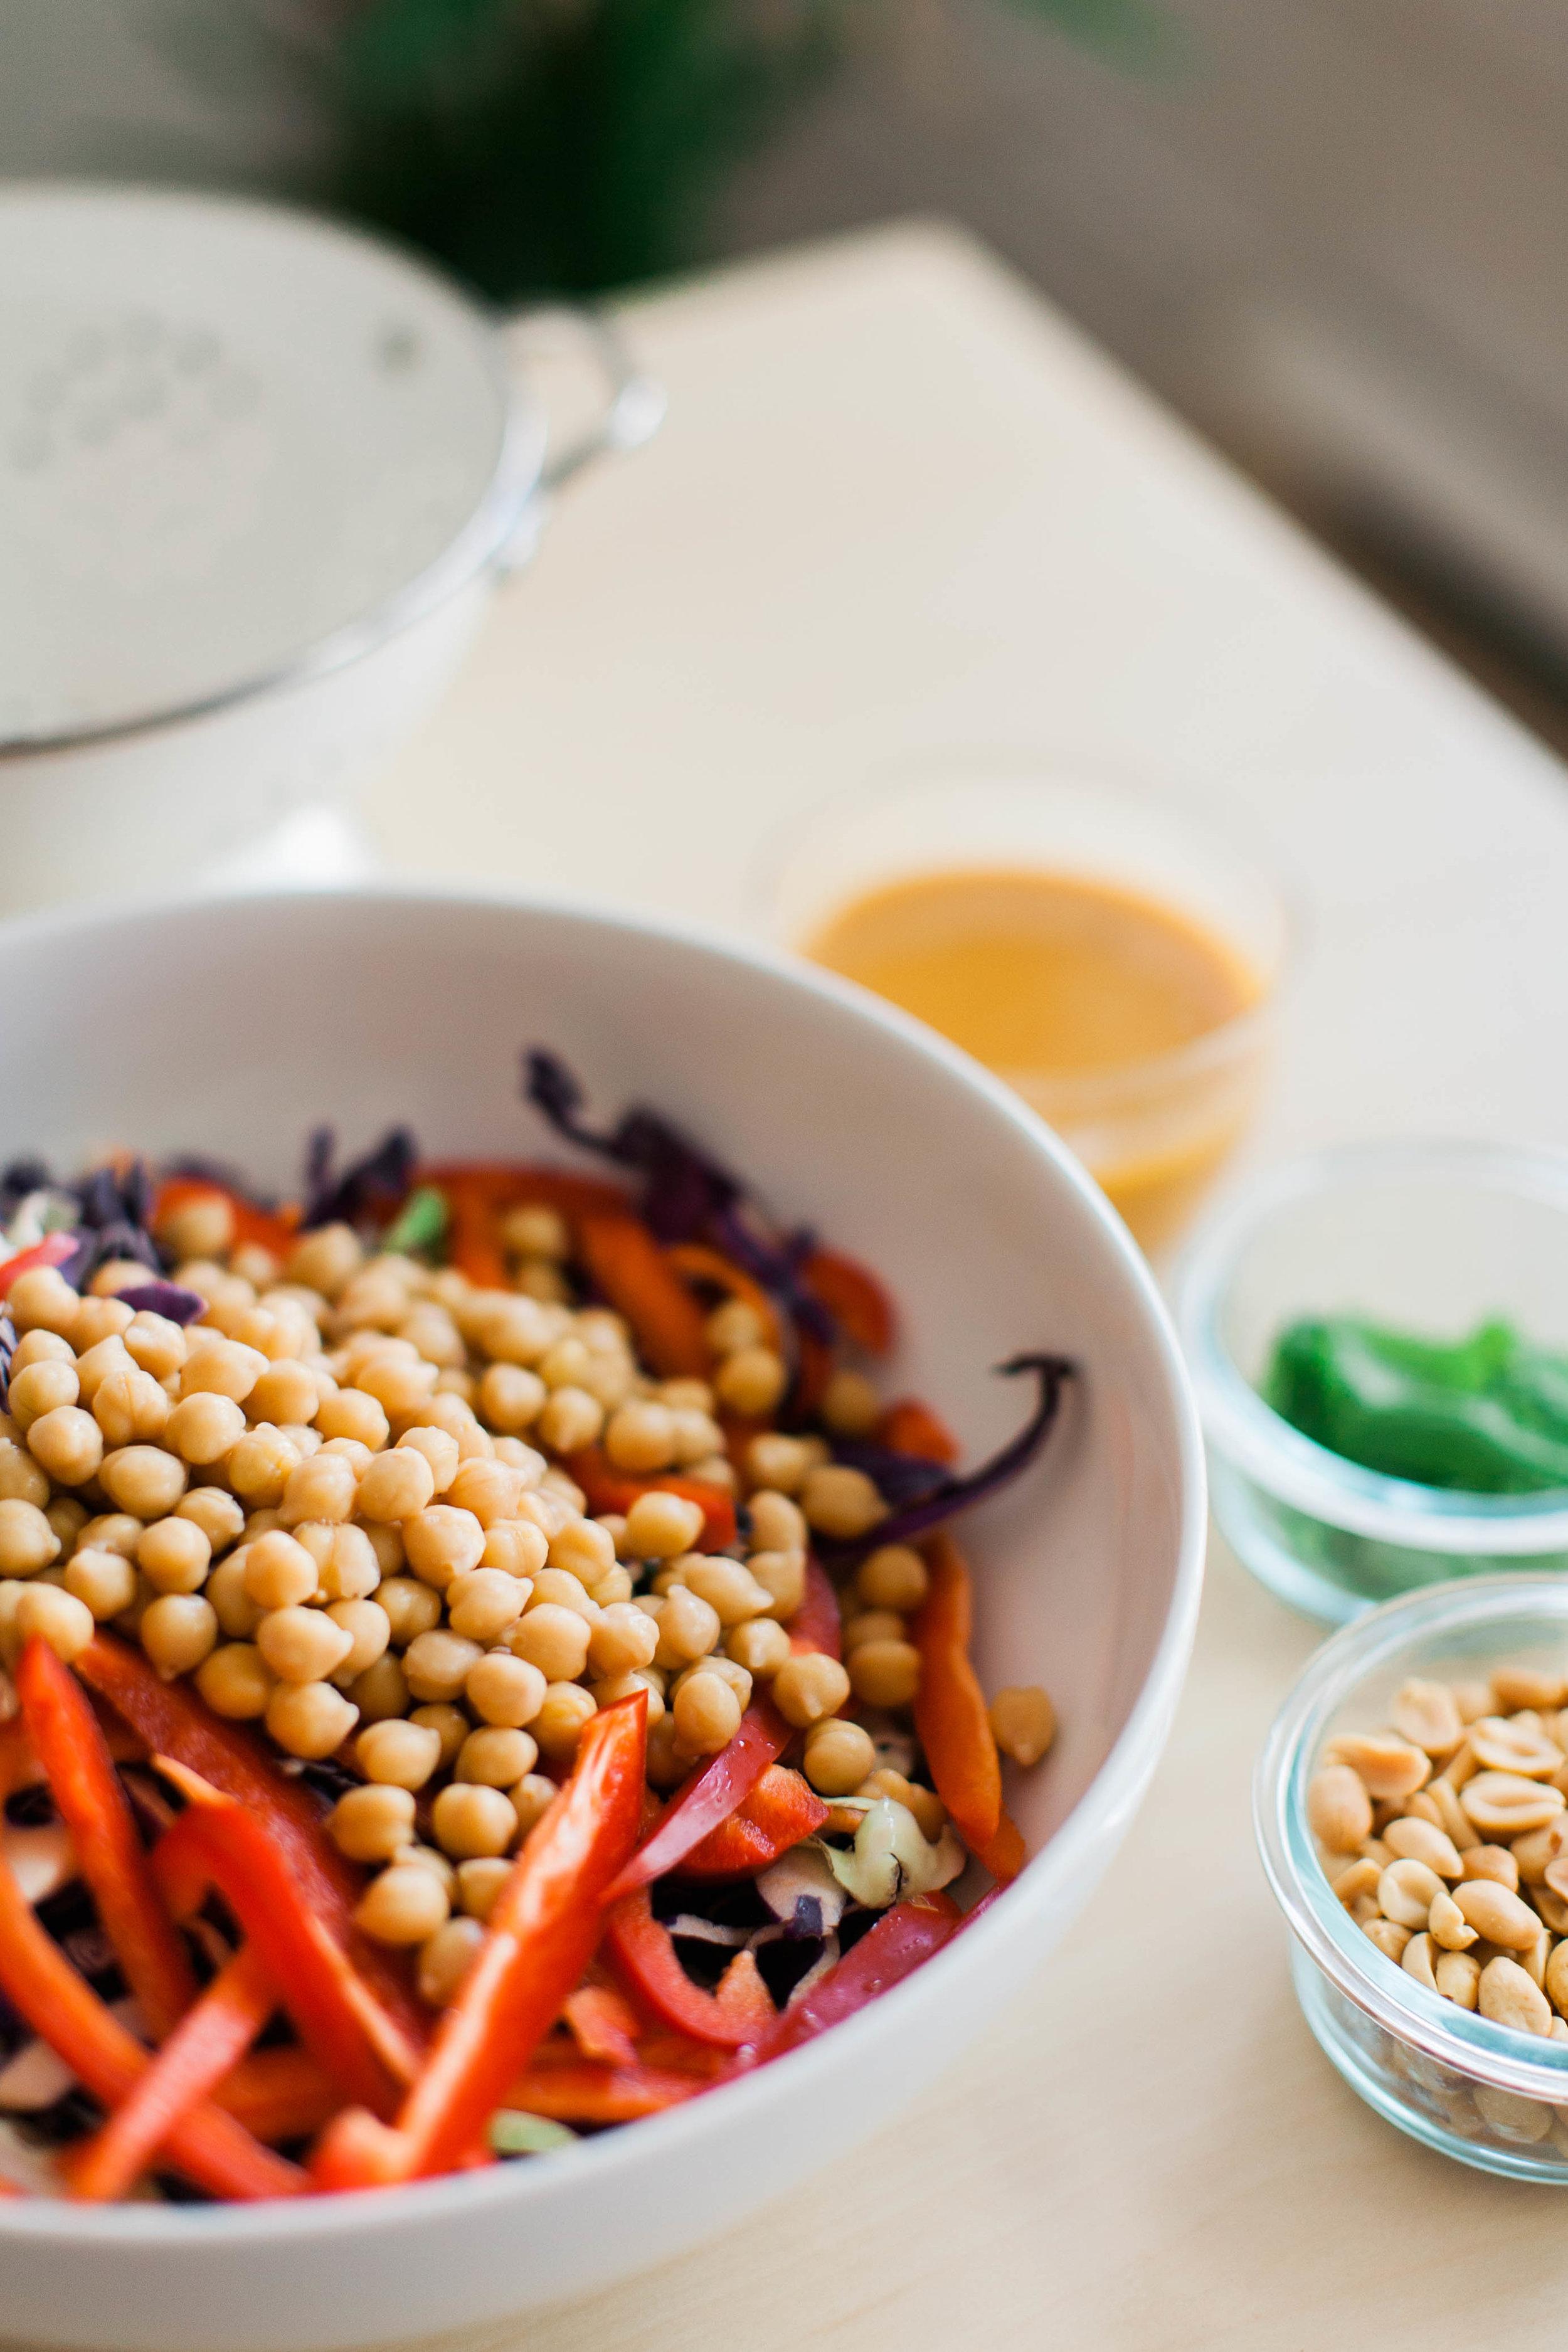 jennahazelphotography-thai-peanut-salad-with-chickpeas-0694.jpg